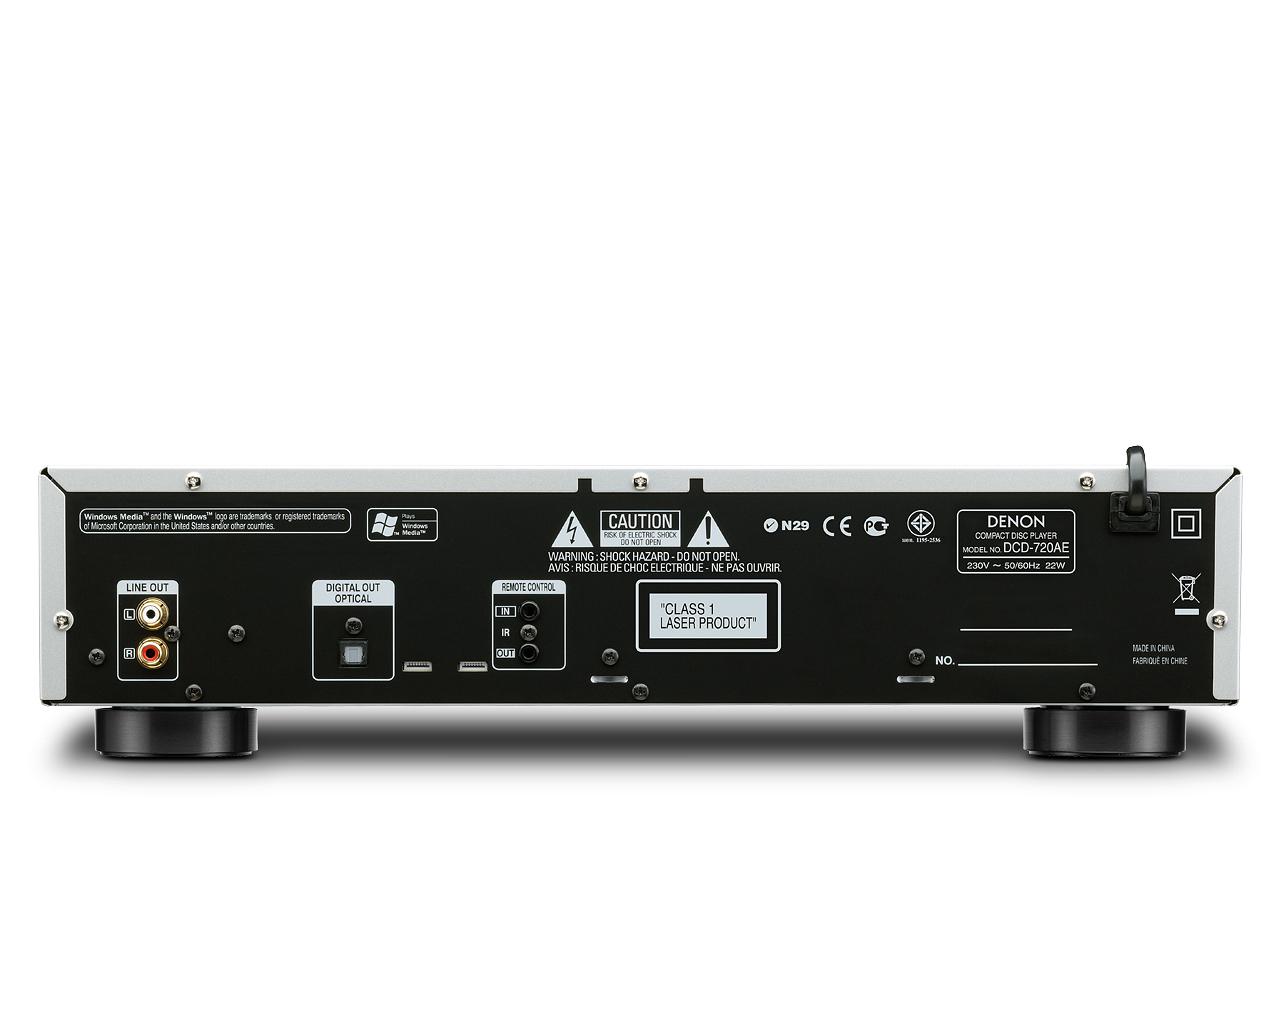 Đầu Denon DCD- 720 AE2